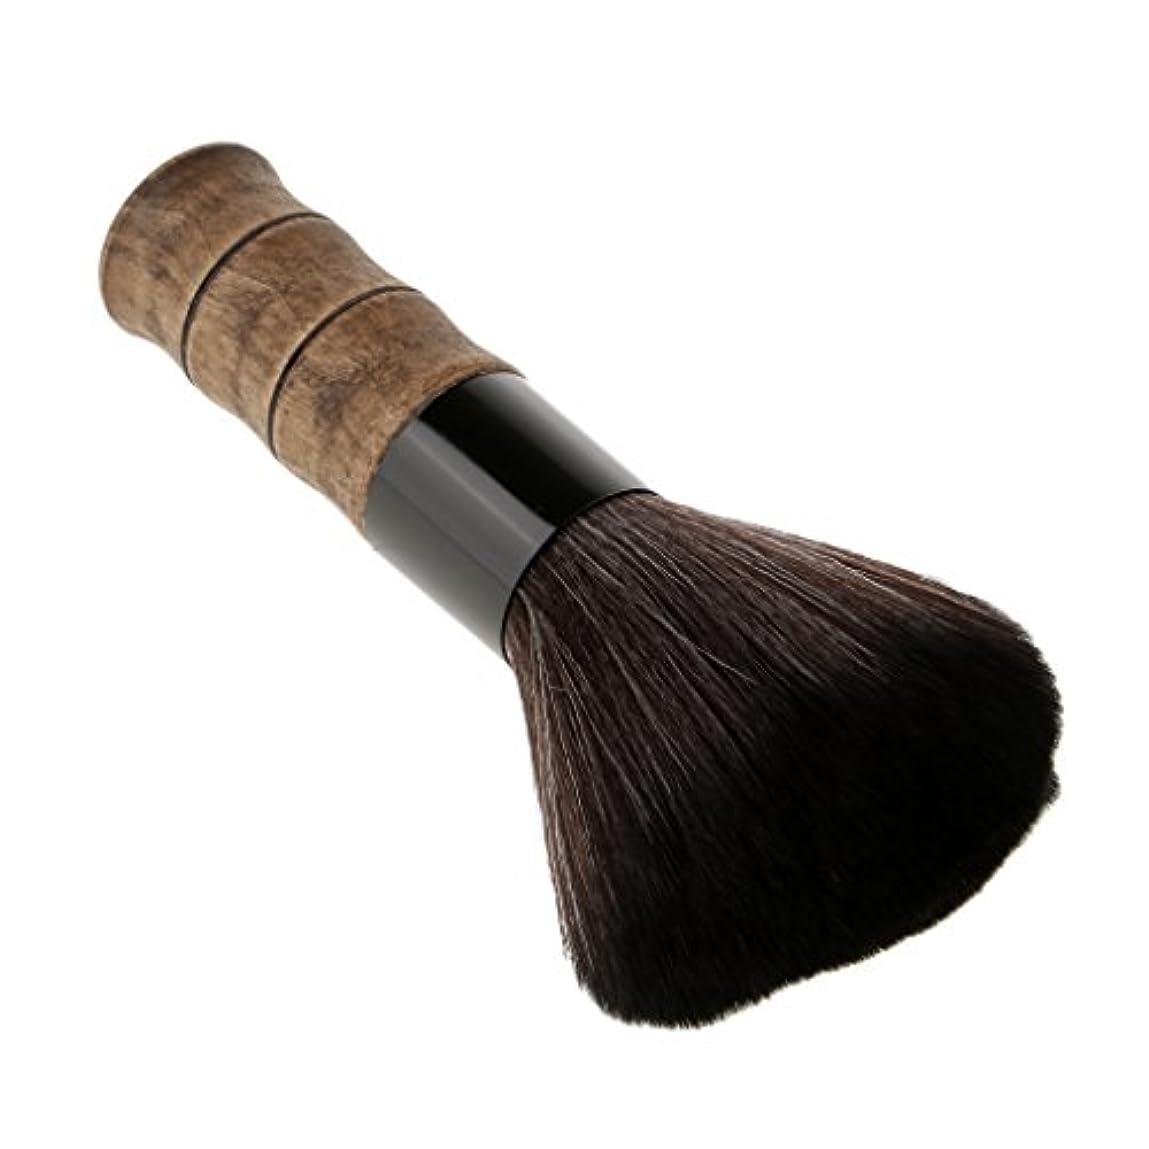 エンコミウムカロリー祭りソフトファイバー脱毛シェービングブラシブラッシュルーズパウダーメイクブラシ竹 - ブラック